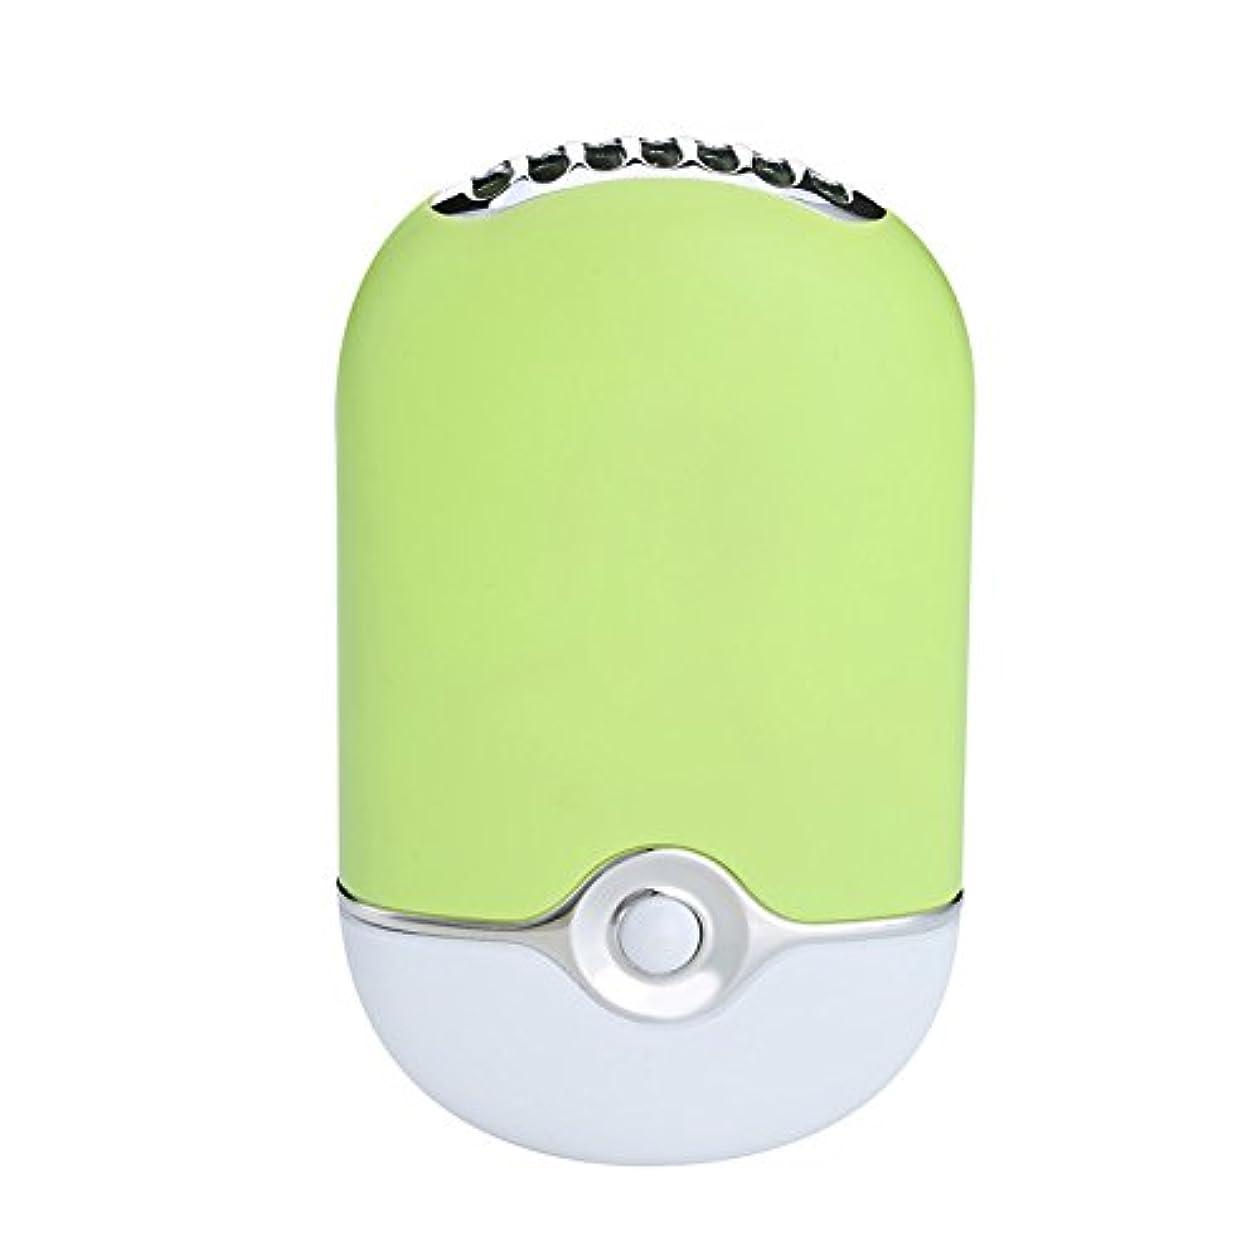 リル啓発するくすぐったいMengshen まつ毛ドライヤー くぎ ネイルドライヤー ハンドヘルドクイックドライヤー まつげエクステ用 USB ミニファンブロワー 速乾性 F015 Green